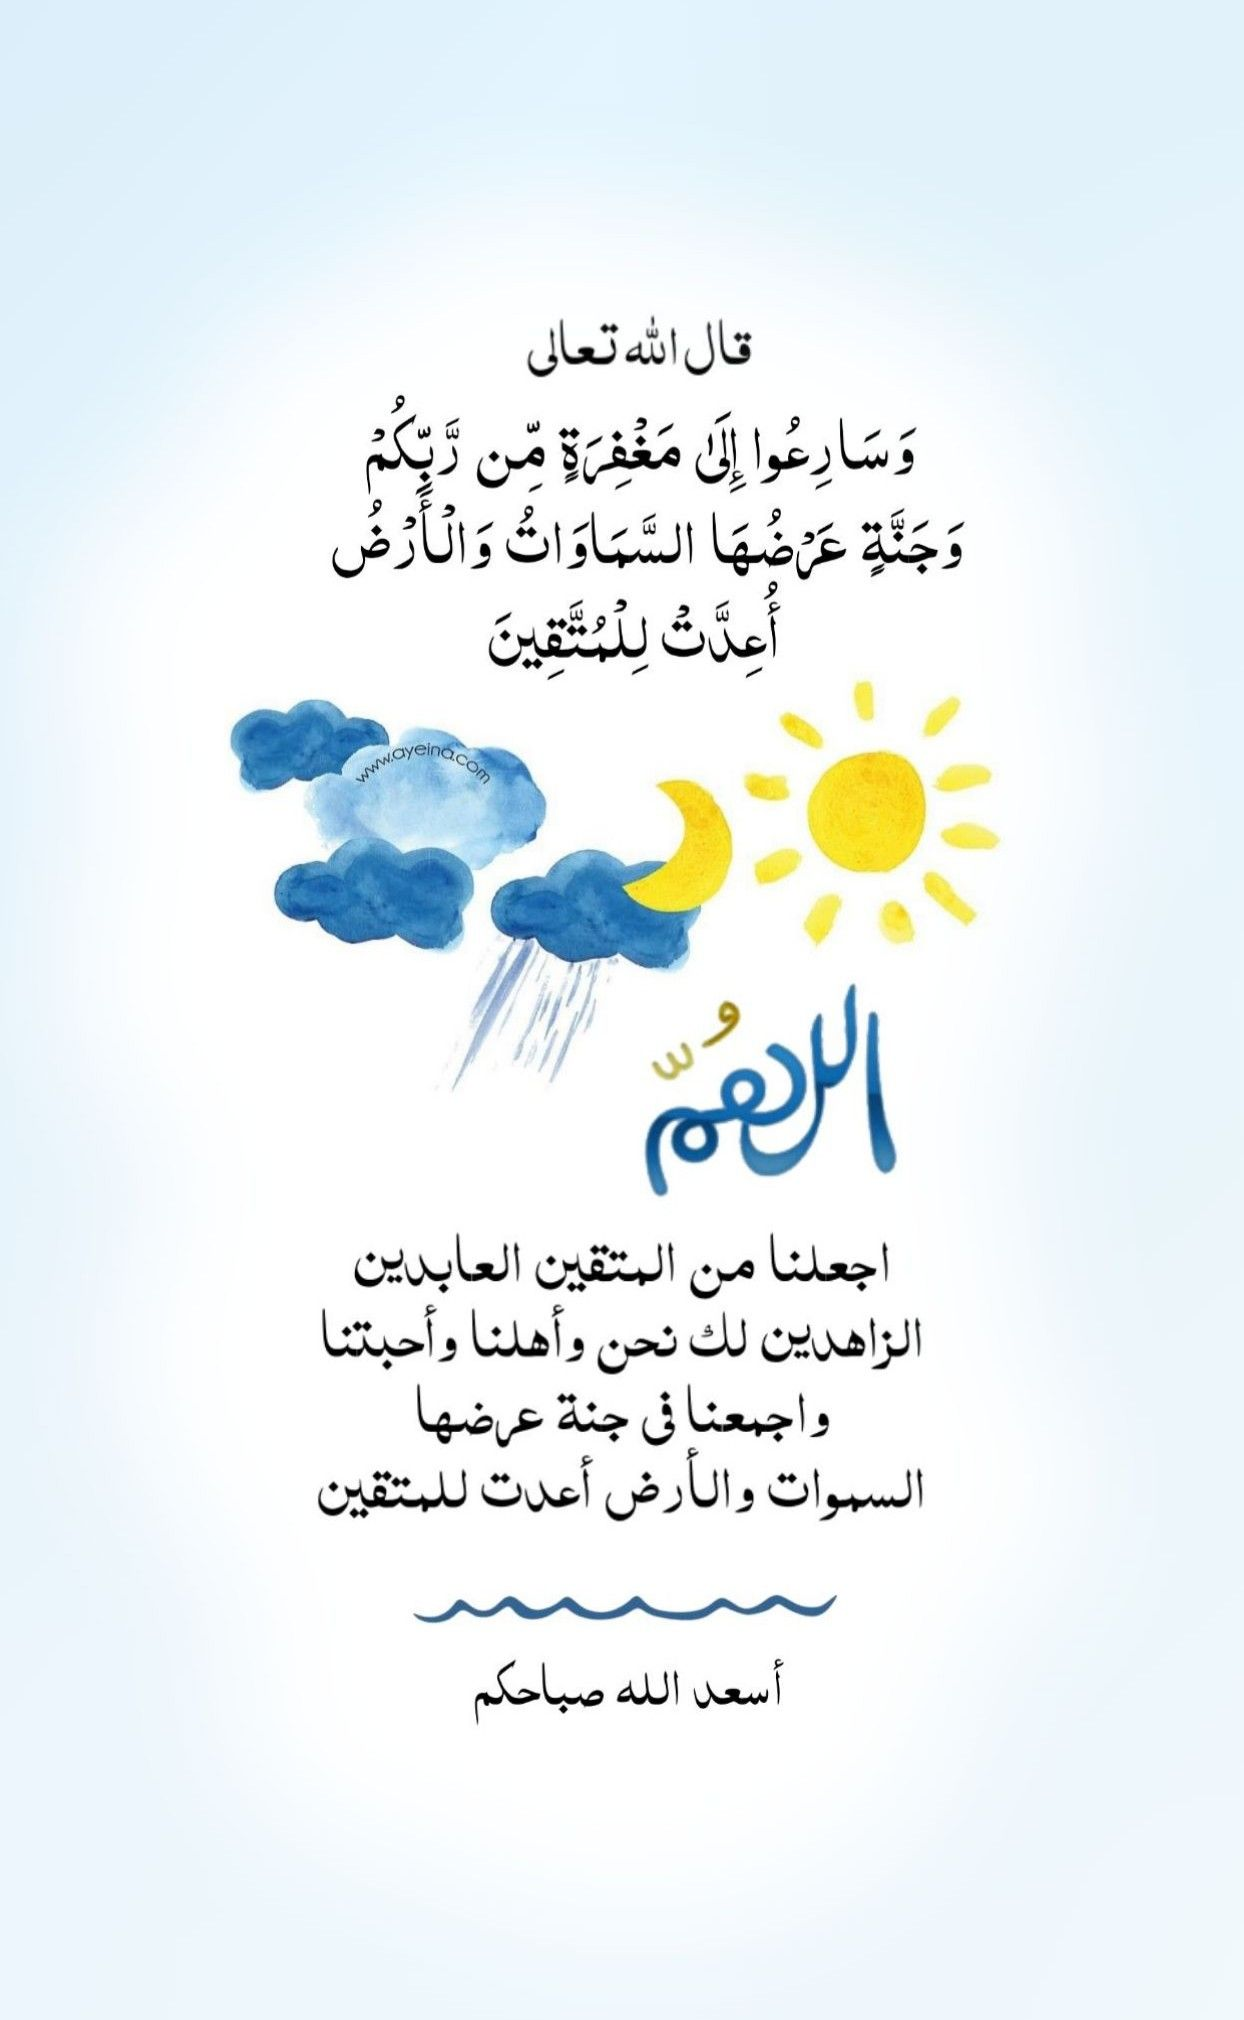 قال الله تعالى و س ار ع وا إ ل ى م غ ف ر ة م ن ر ب ك م و ج ن ة ع ر ض ه ا الس م او ات و ال Good Morning Arabic Morning Words Good Morning Greetings